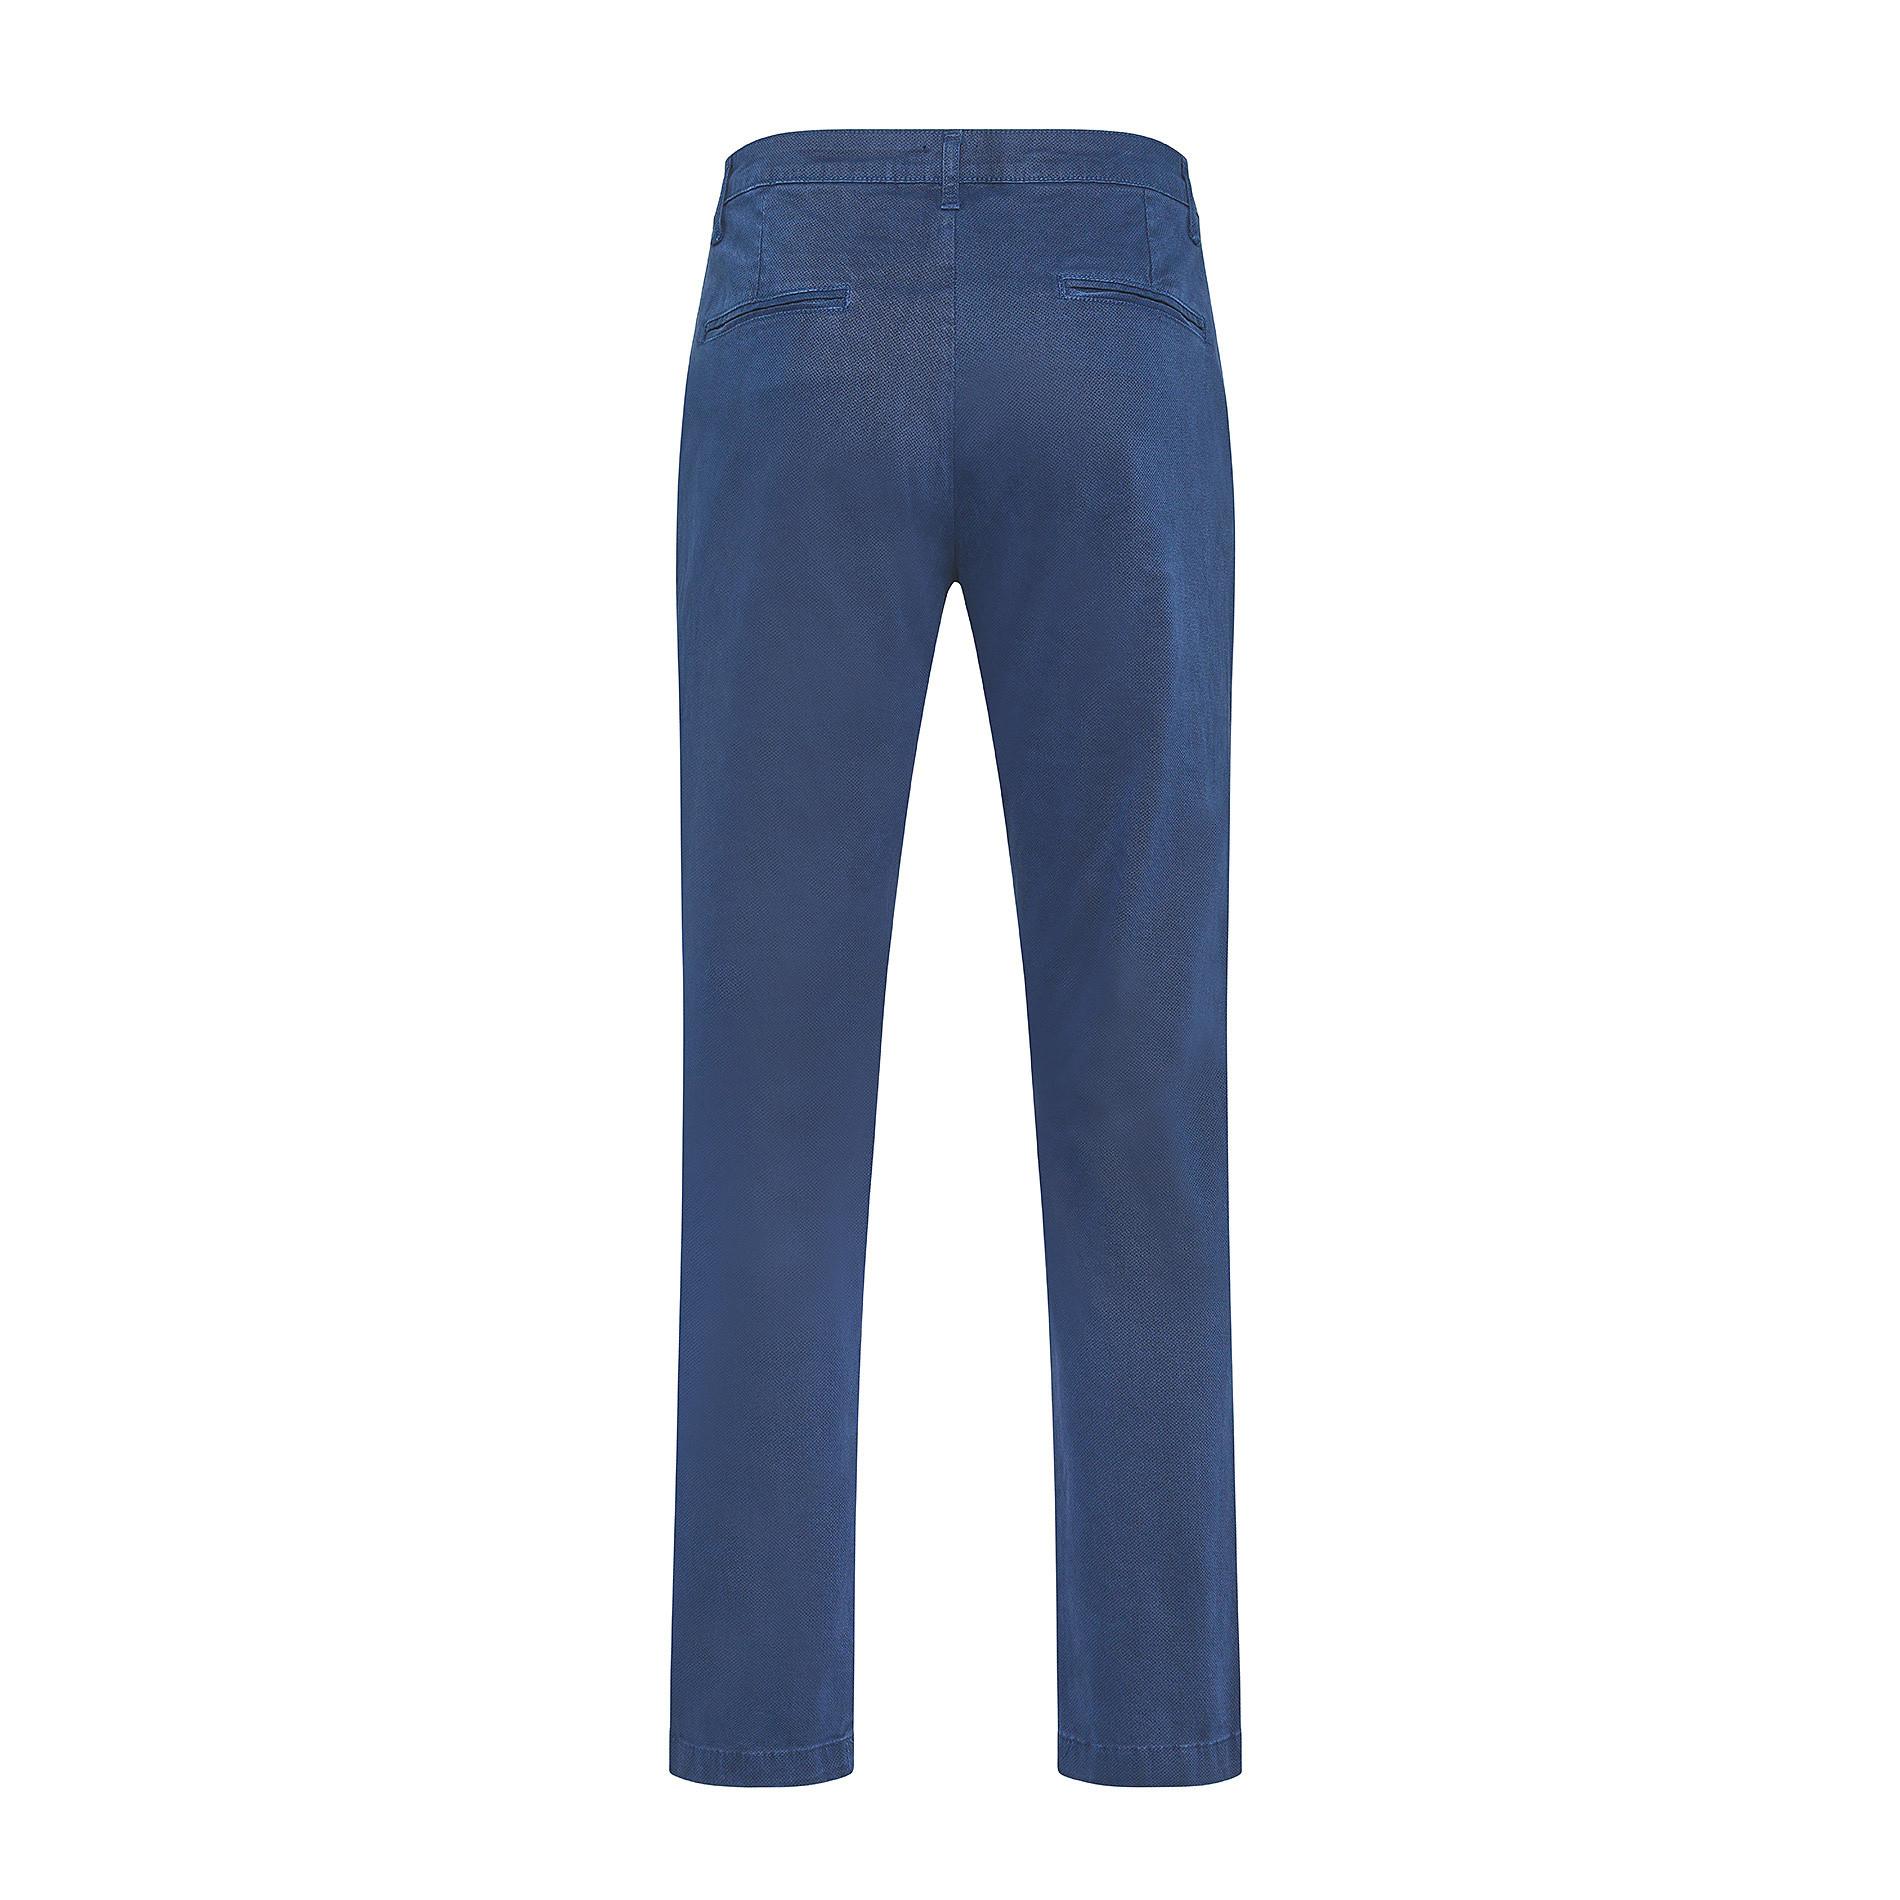 Pantalone chino cotone stretch JCT, Blu, large image number 1